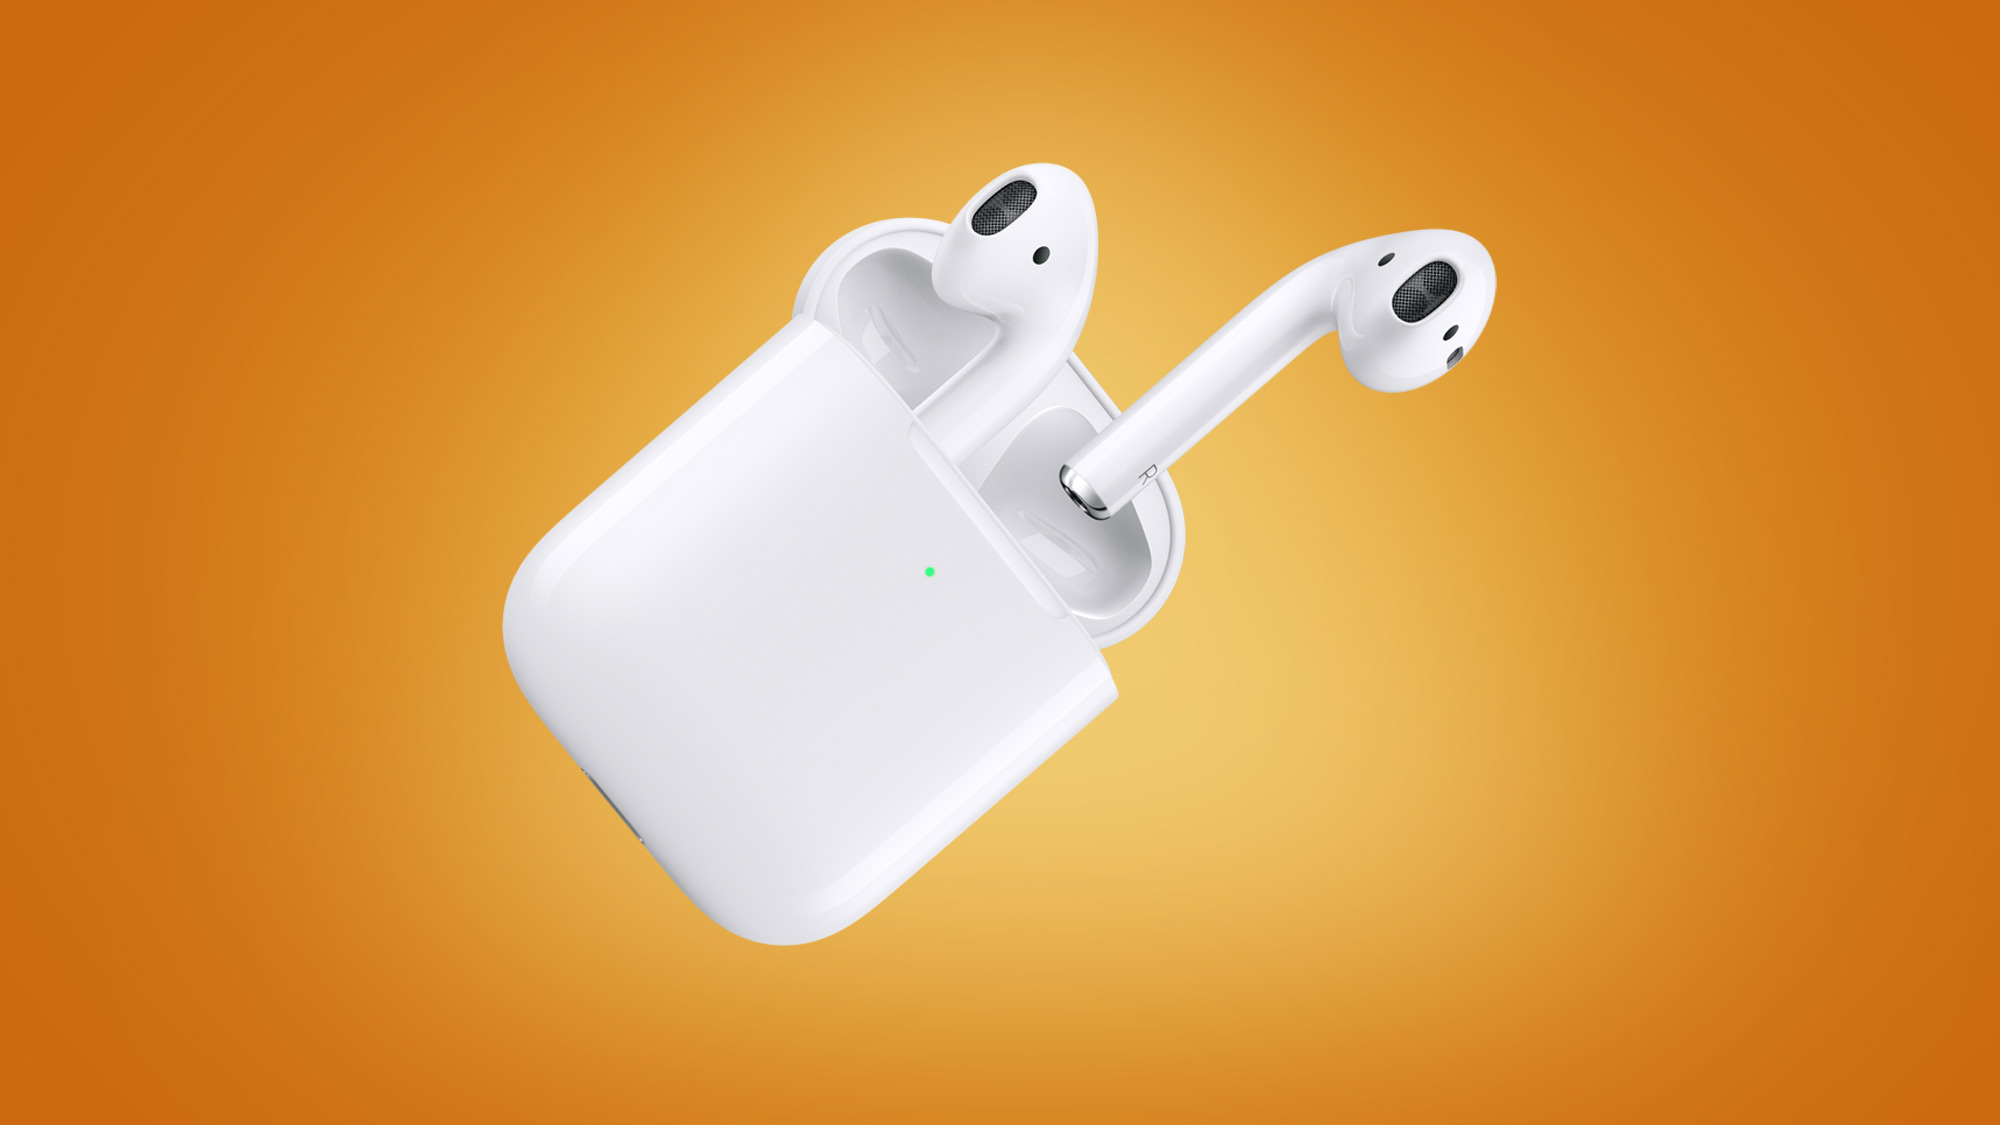 Oferta de Apple AirPod: obtenga las mejores ofertas aún en